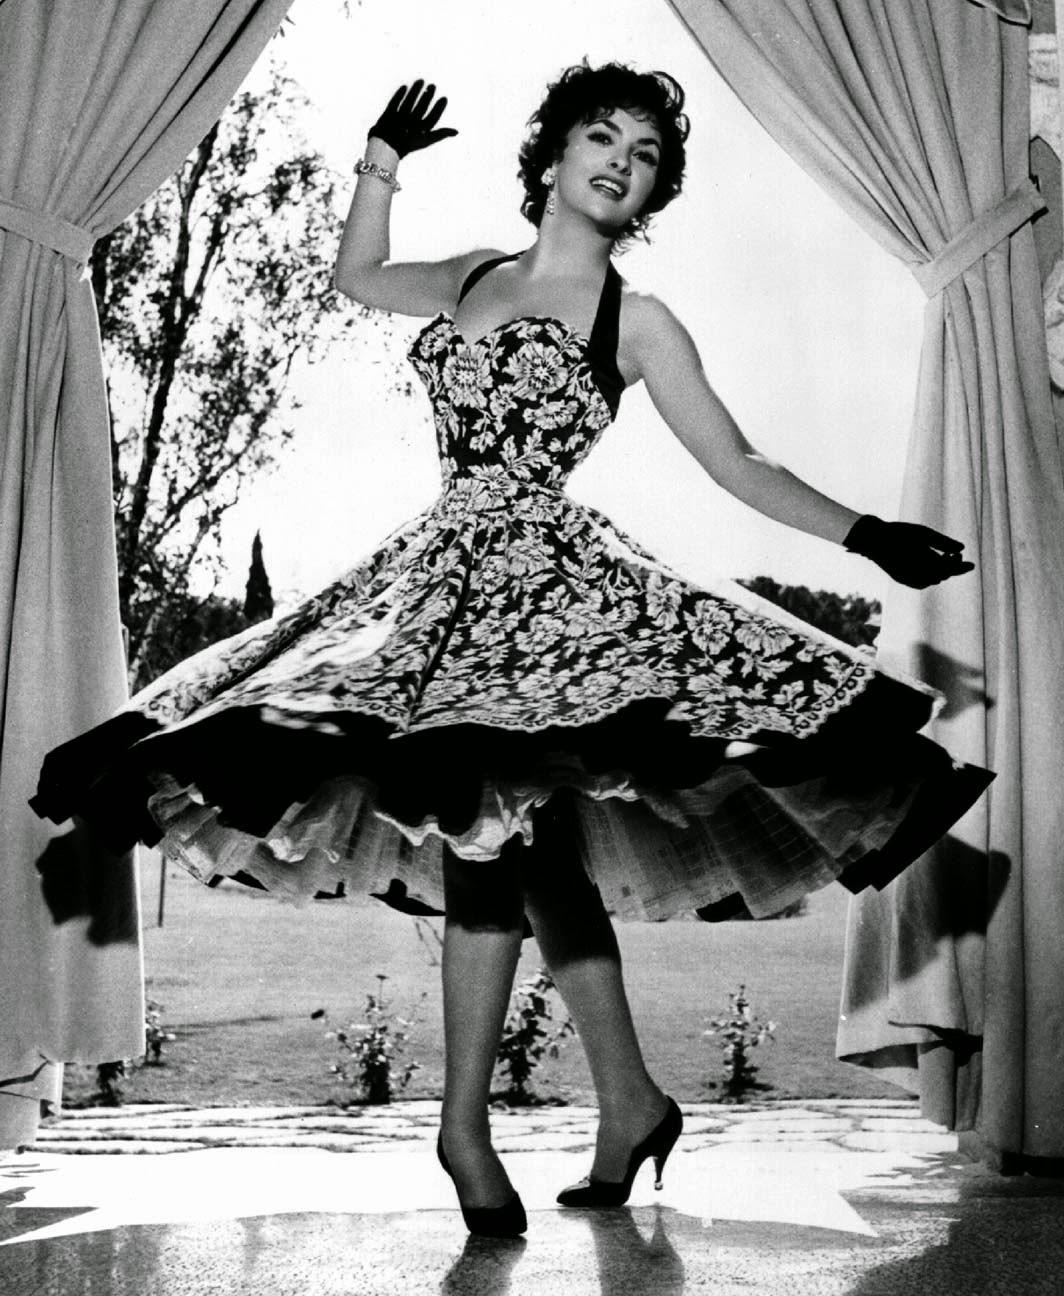 Vd.XIX - 15 Gina Lollobrigida